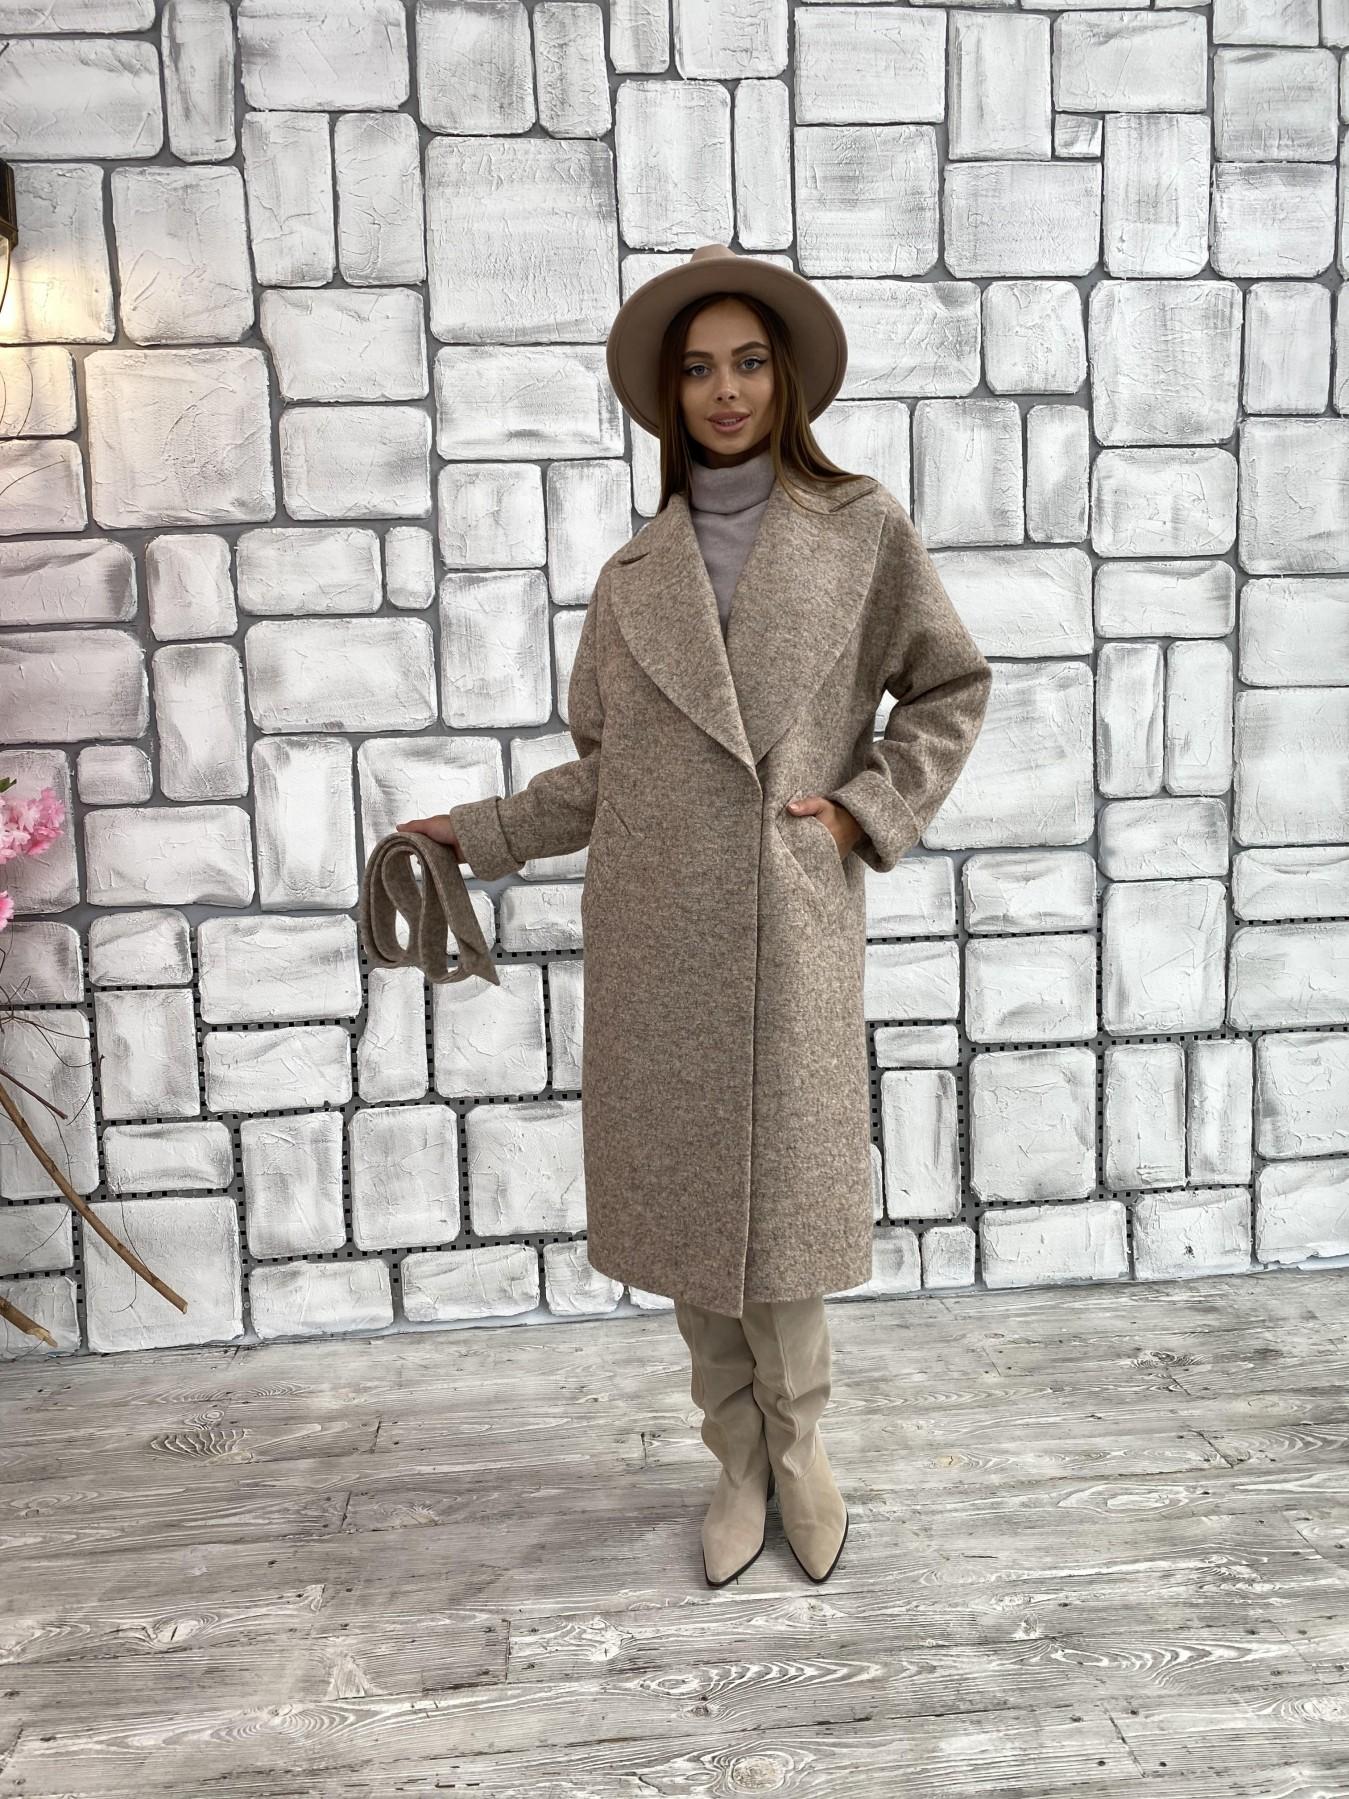 Влада шерсть варенка ткань пальто 11639 АРТ. 48352 Цвет: Бежевый 13 - фото 4, интернет магазин tm-modus.ru